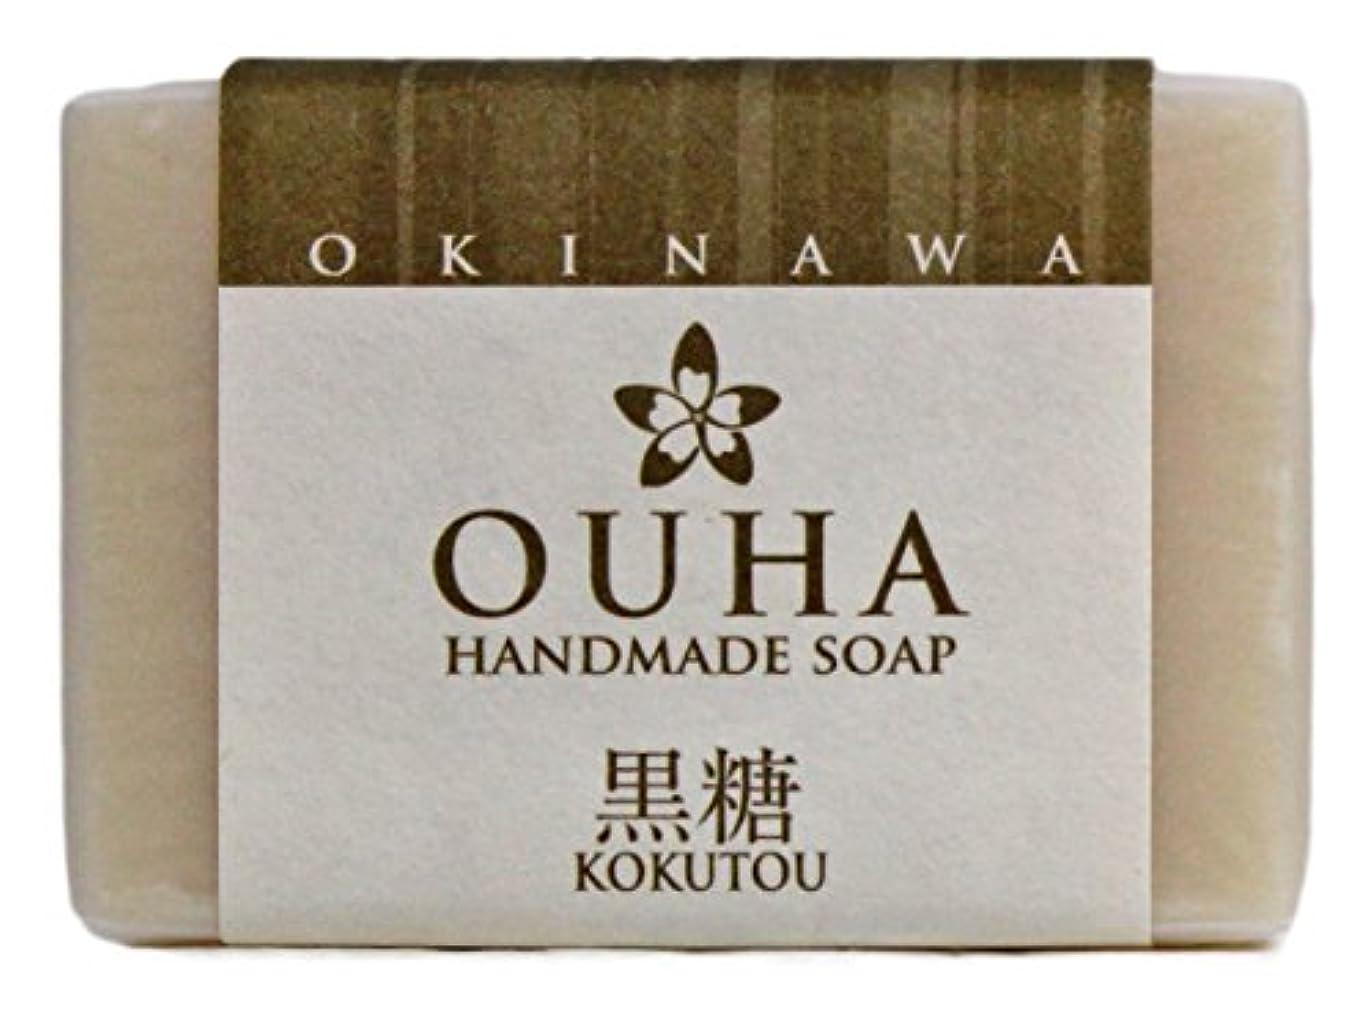 描く豊かにするジョガー沖縄手作り洗顔せっけん OUHAソープ 黒糖 47g